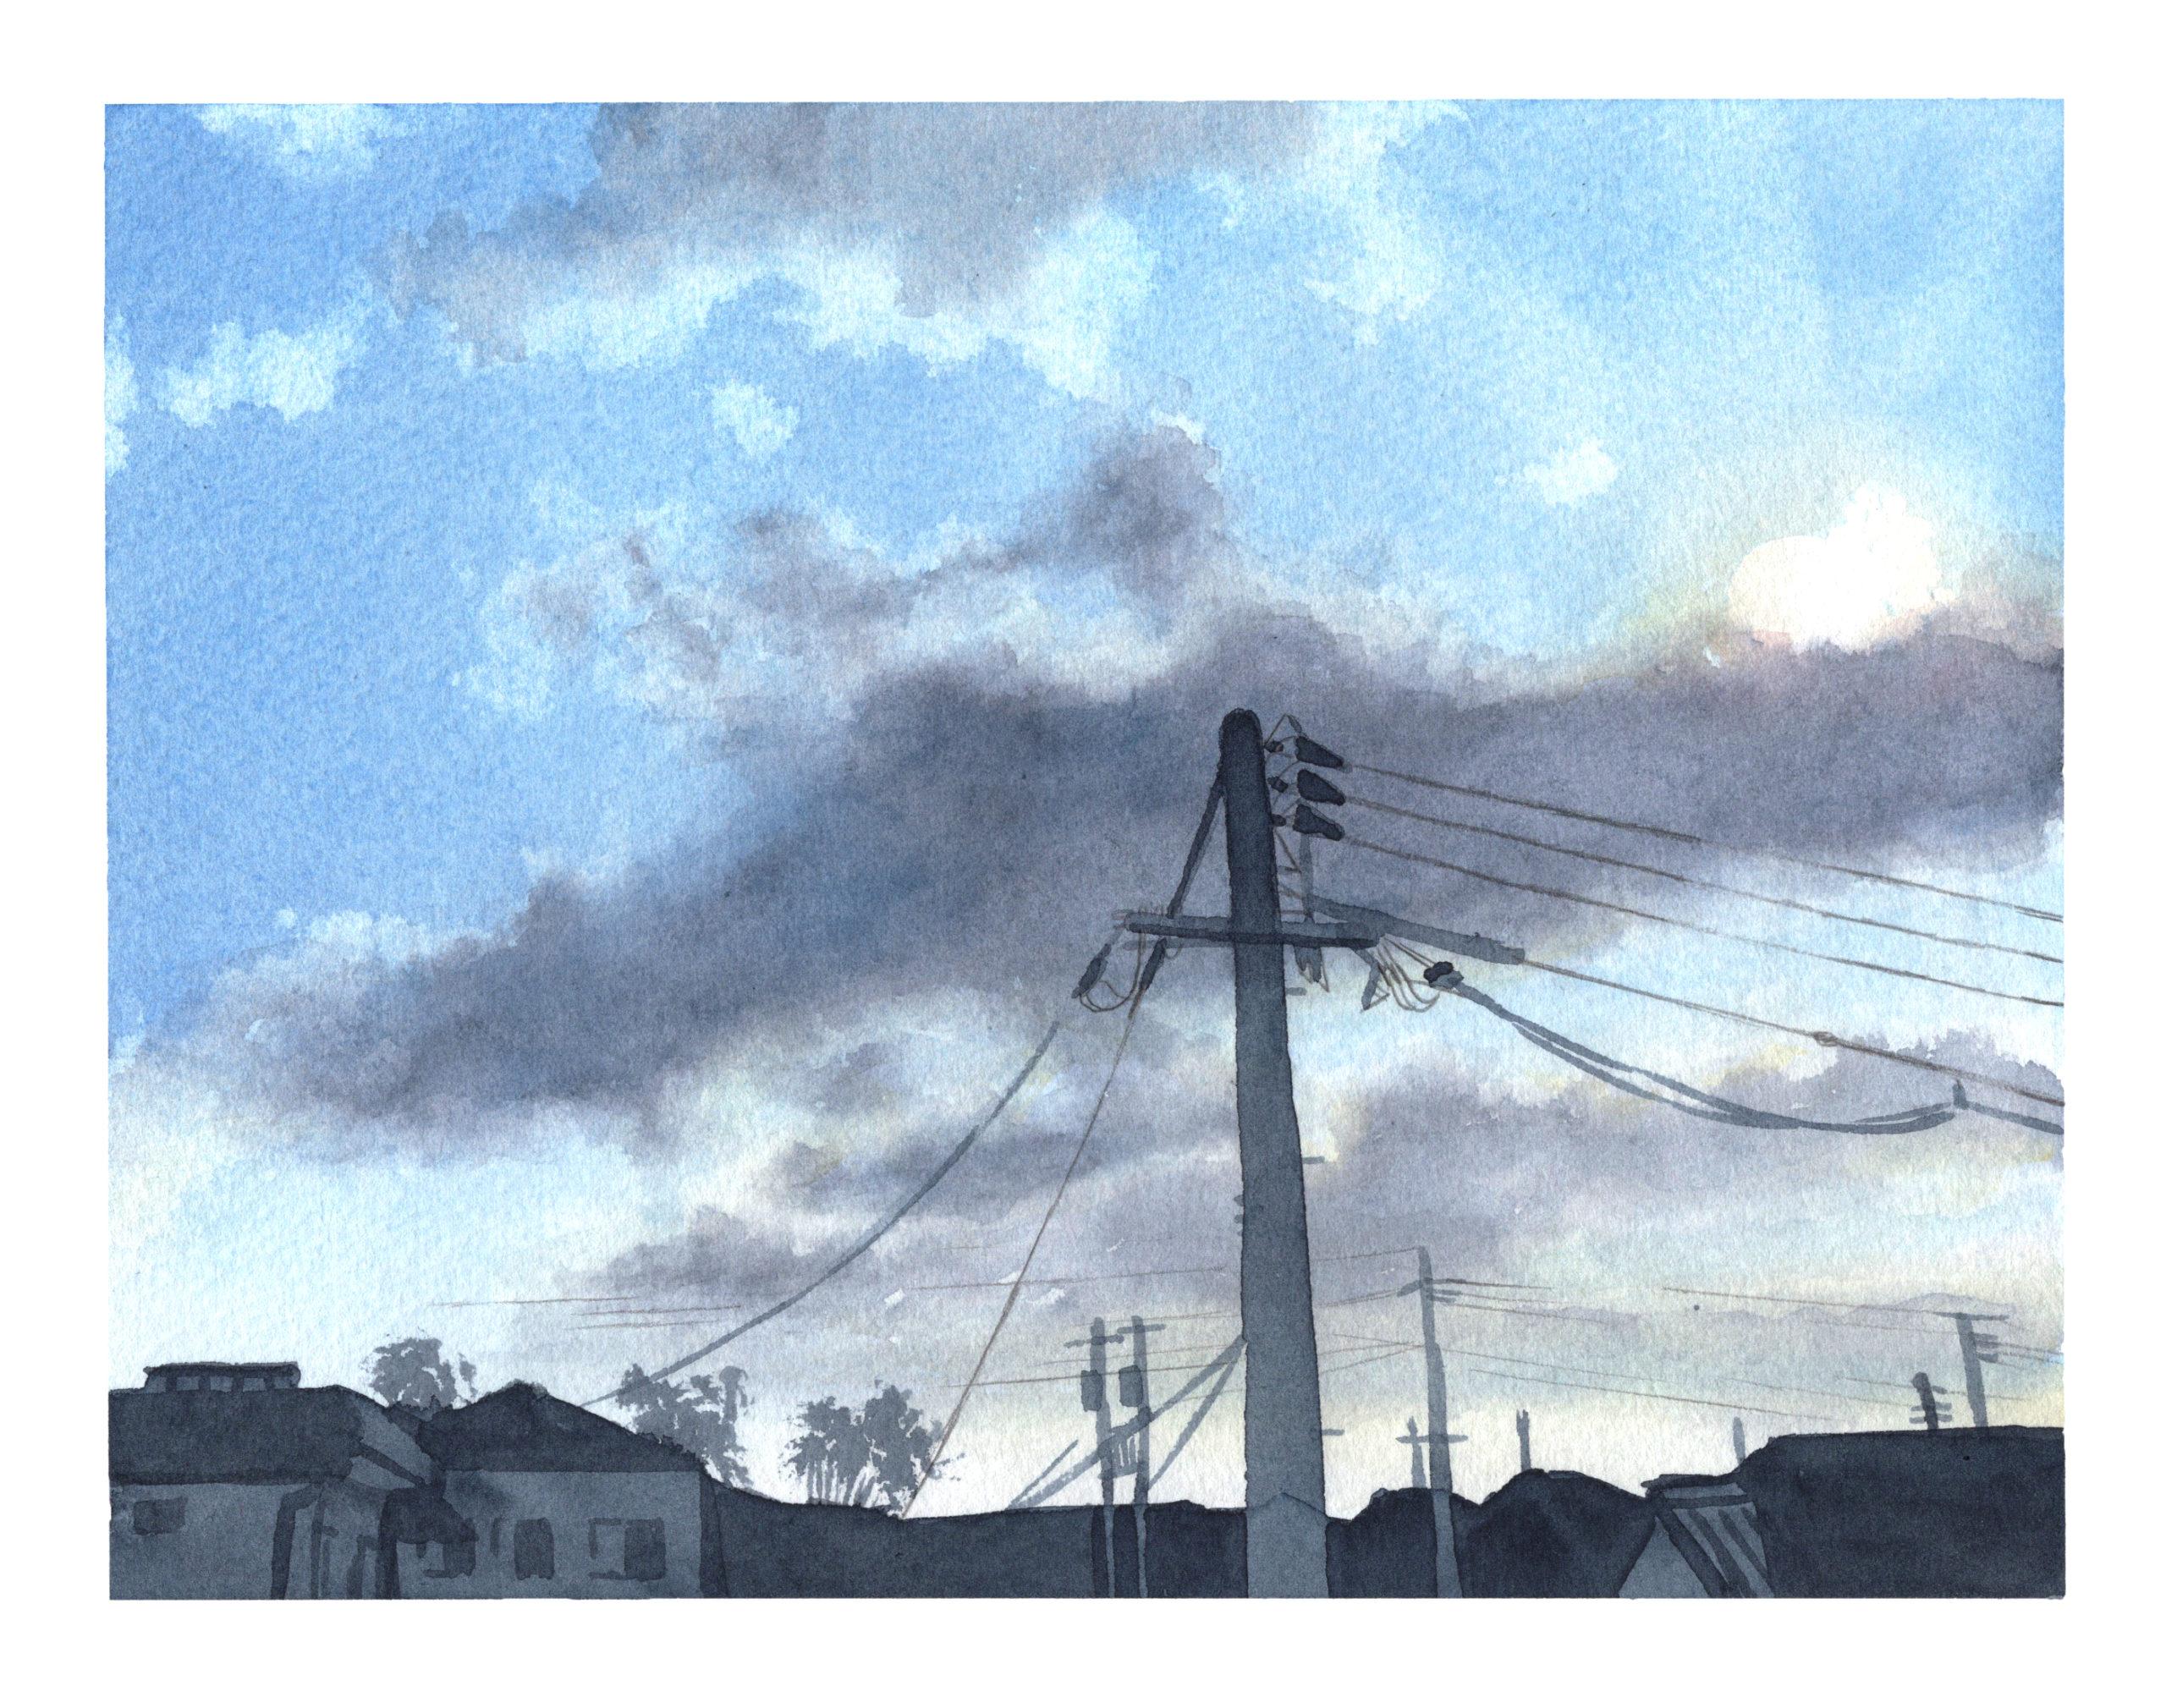 ベランダからの風景 雲 透明水彩風景画